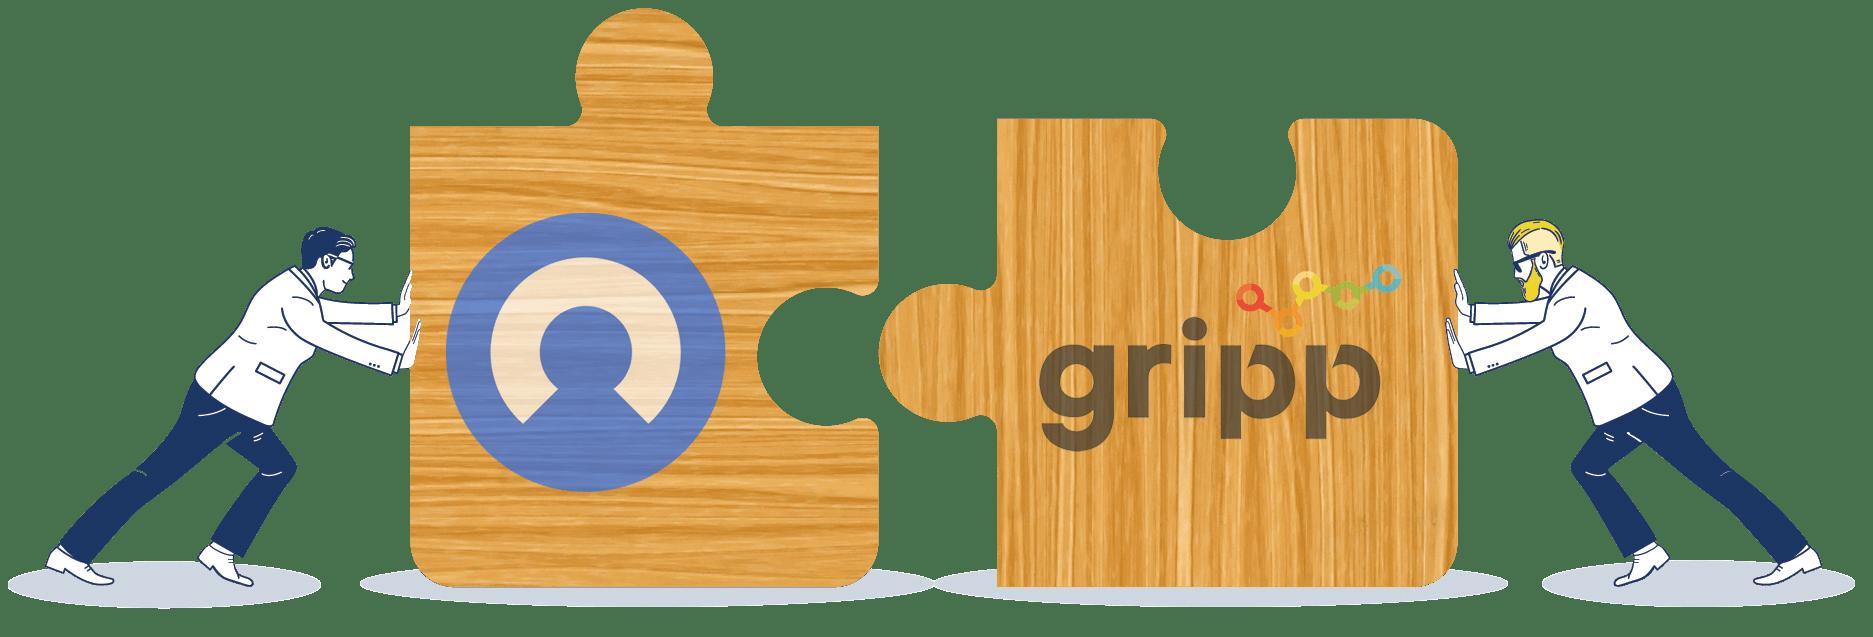 Gripp + slimme telefonie